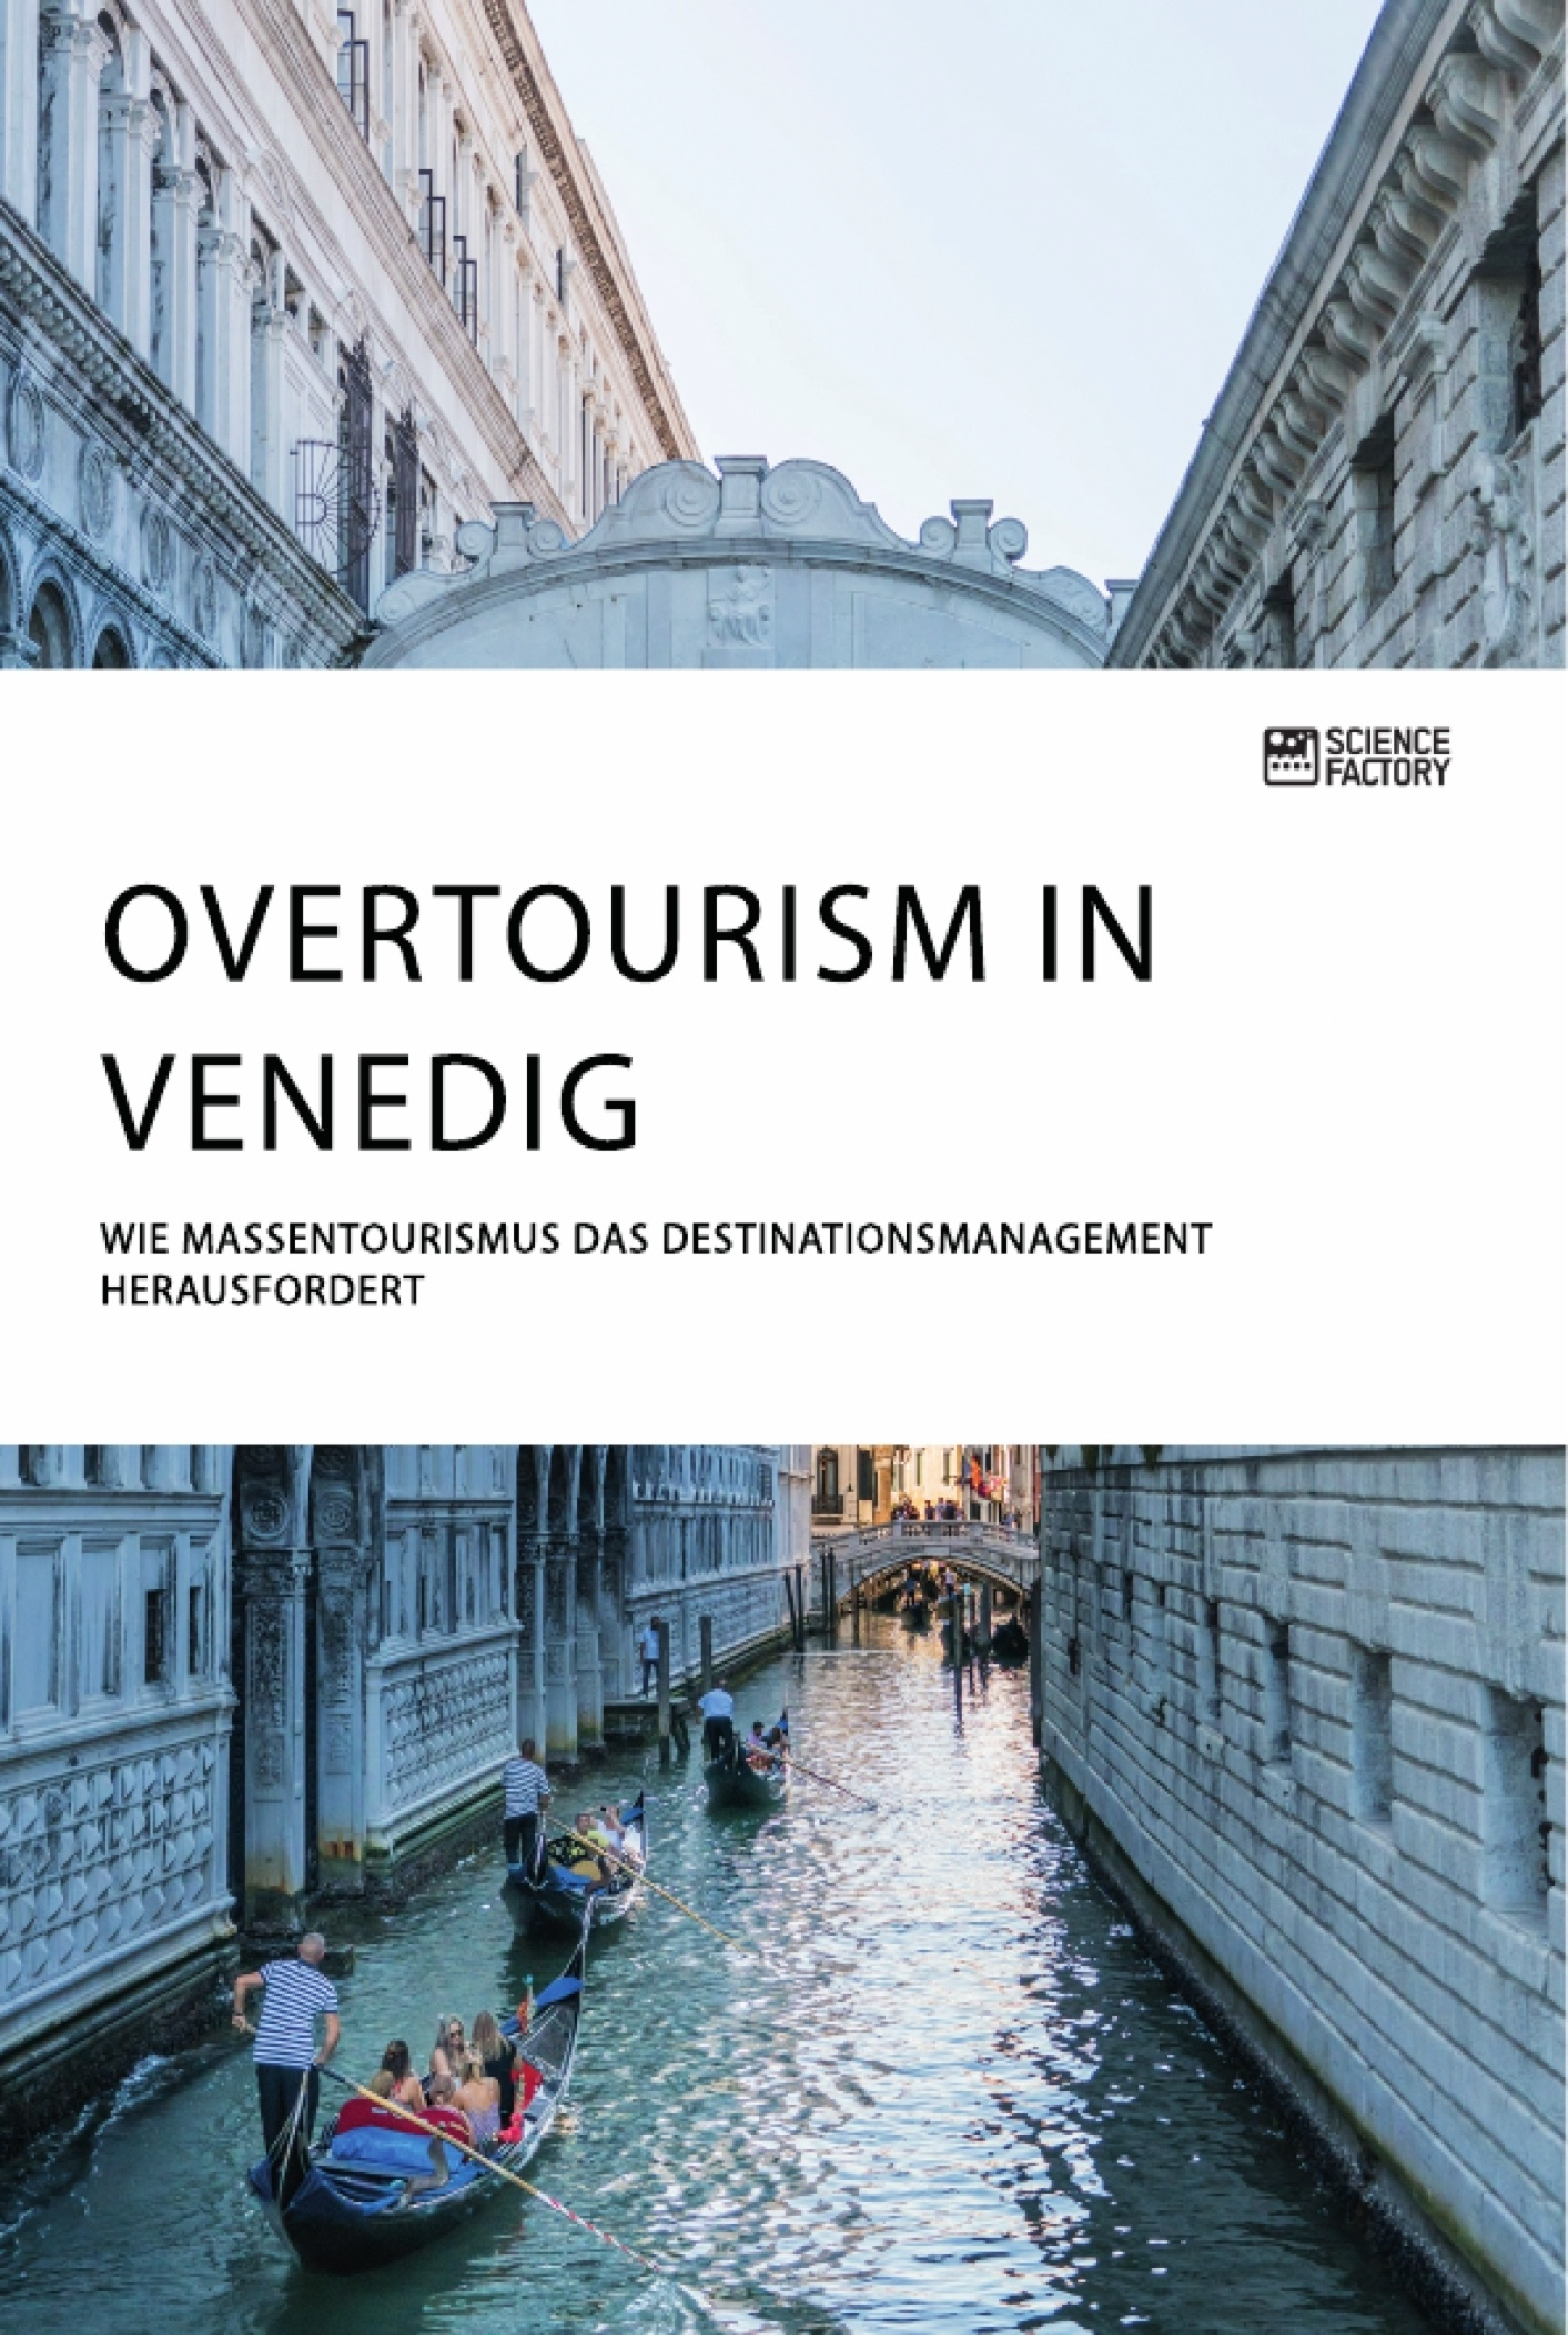 Titel: Overtourism in Venedig. Wie Massentourismus das Destinationsmanagement herausfordert